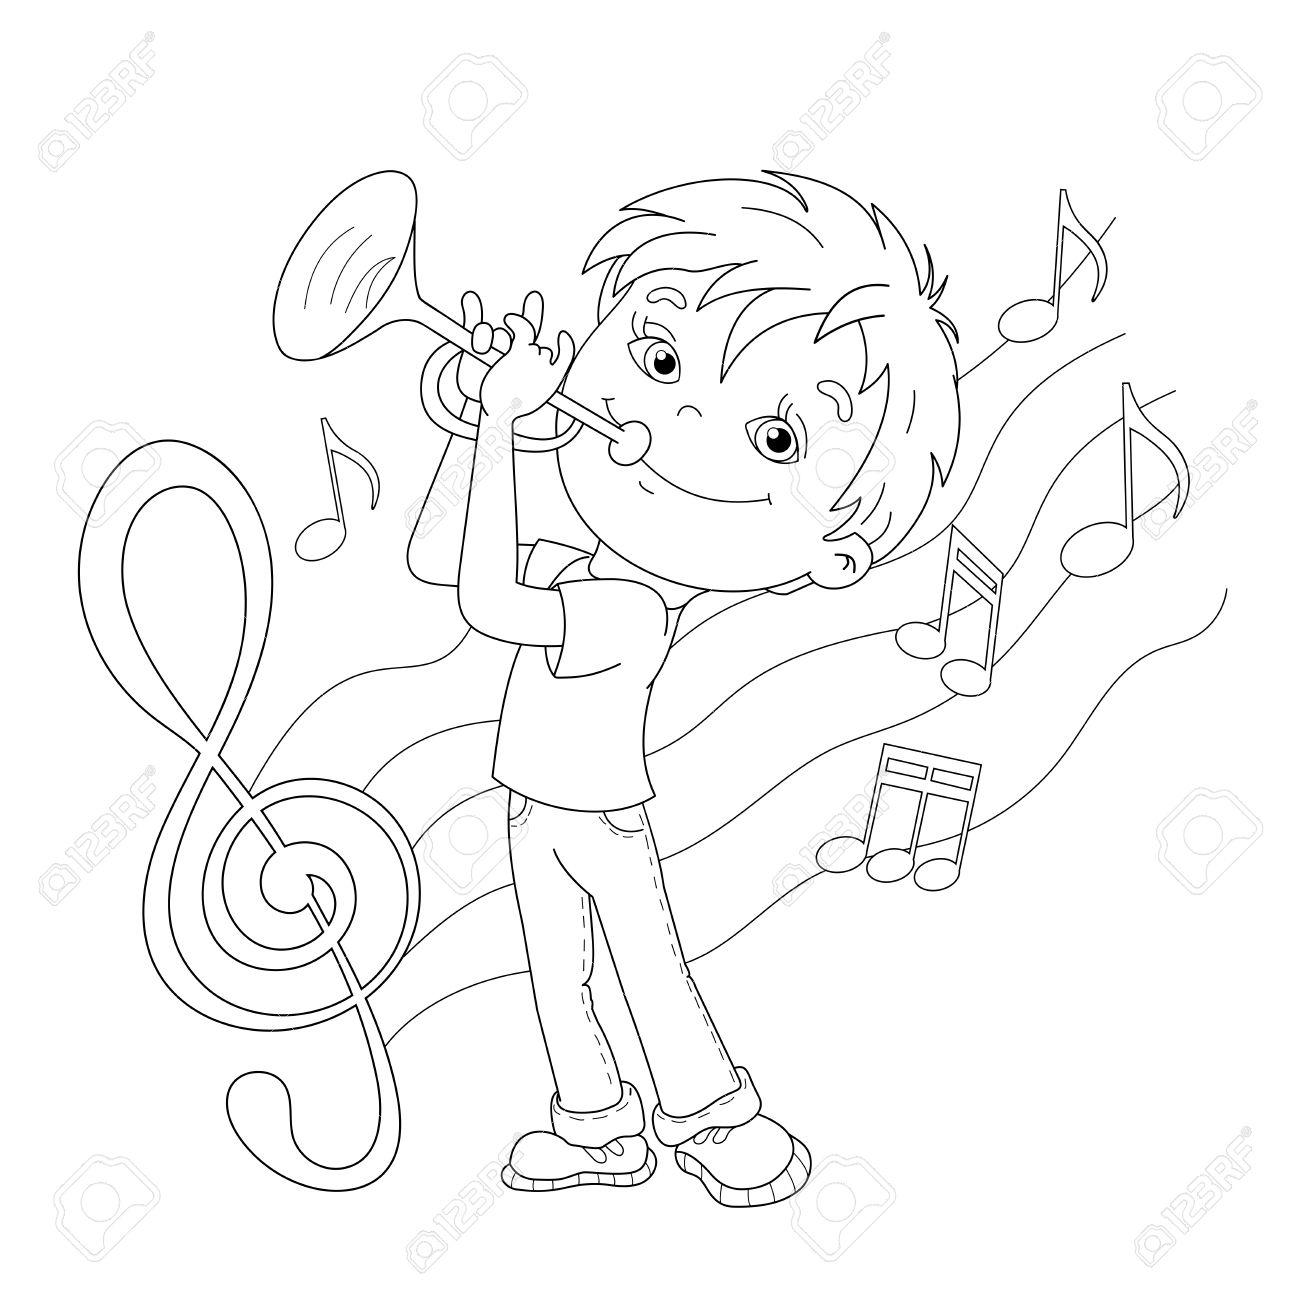 Coloriage Outline Of Boy De Dessin Animé Jouant De La Trompette Avec La  Mélodie Et De La Musique. Livre De Coloriage Pour Les Enfants avec Trompette À Colorier